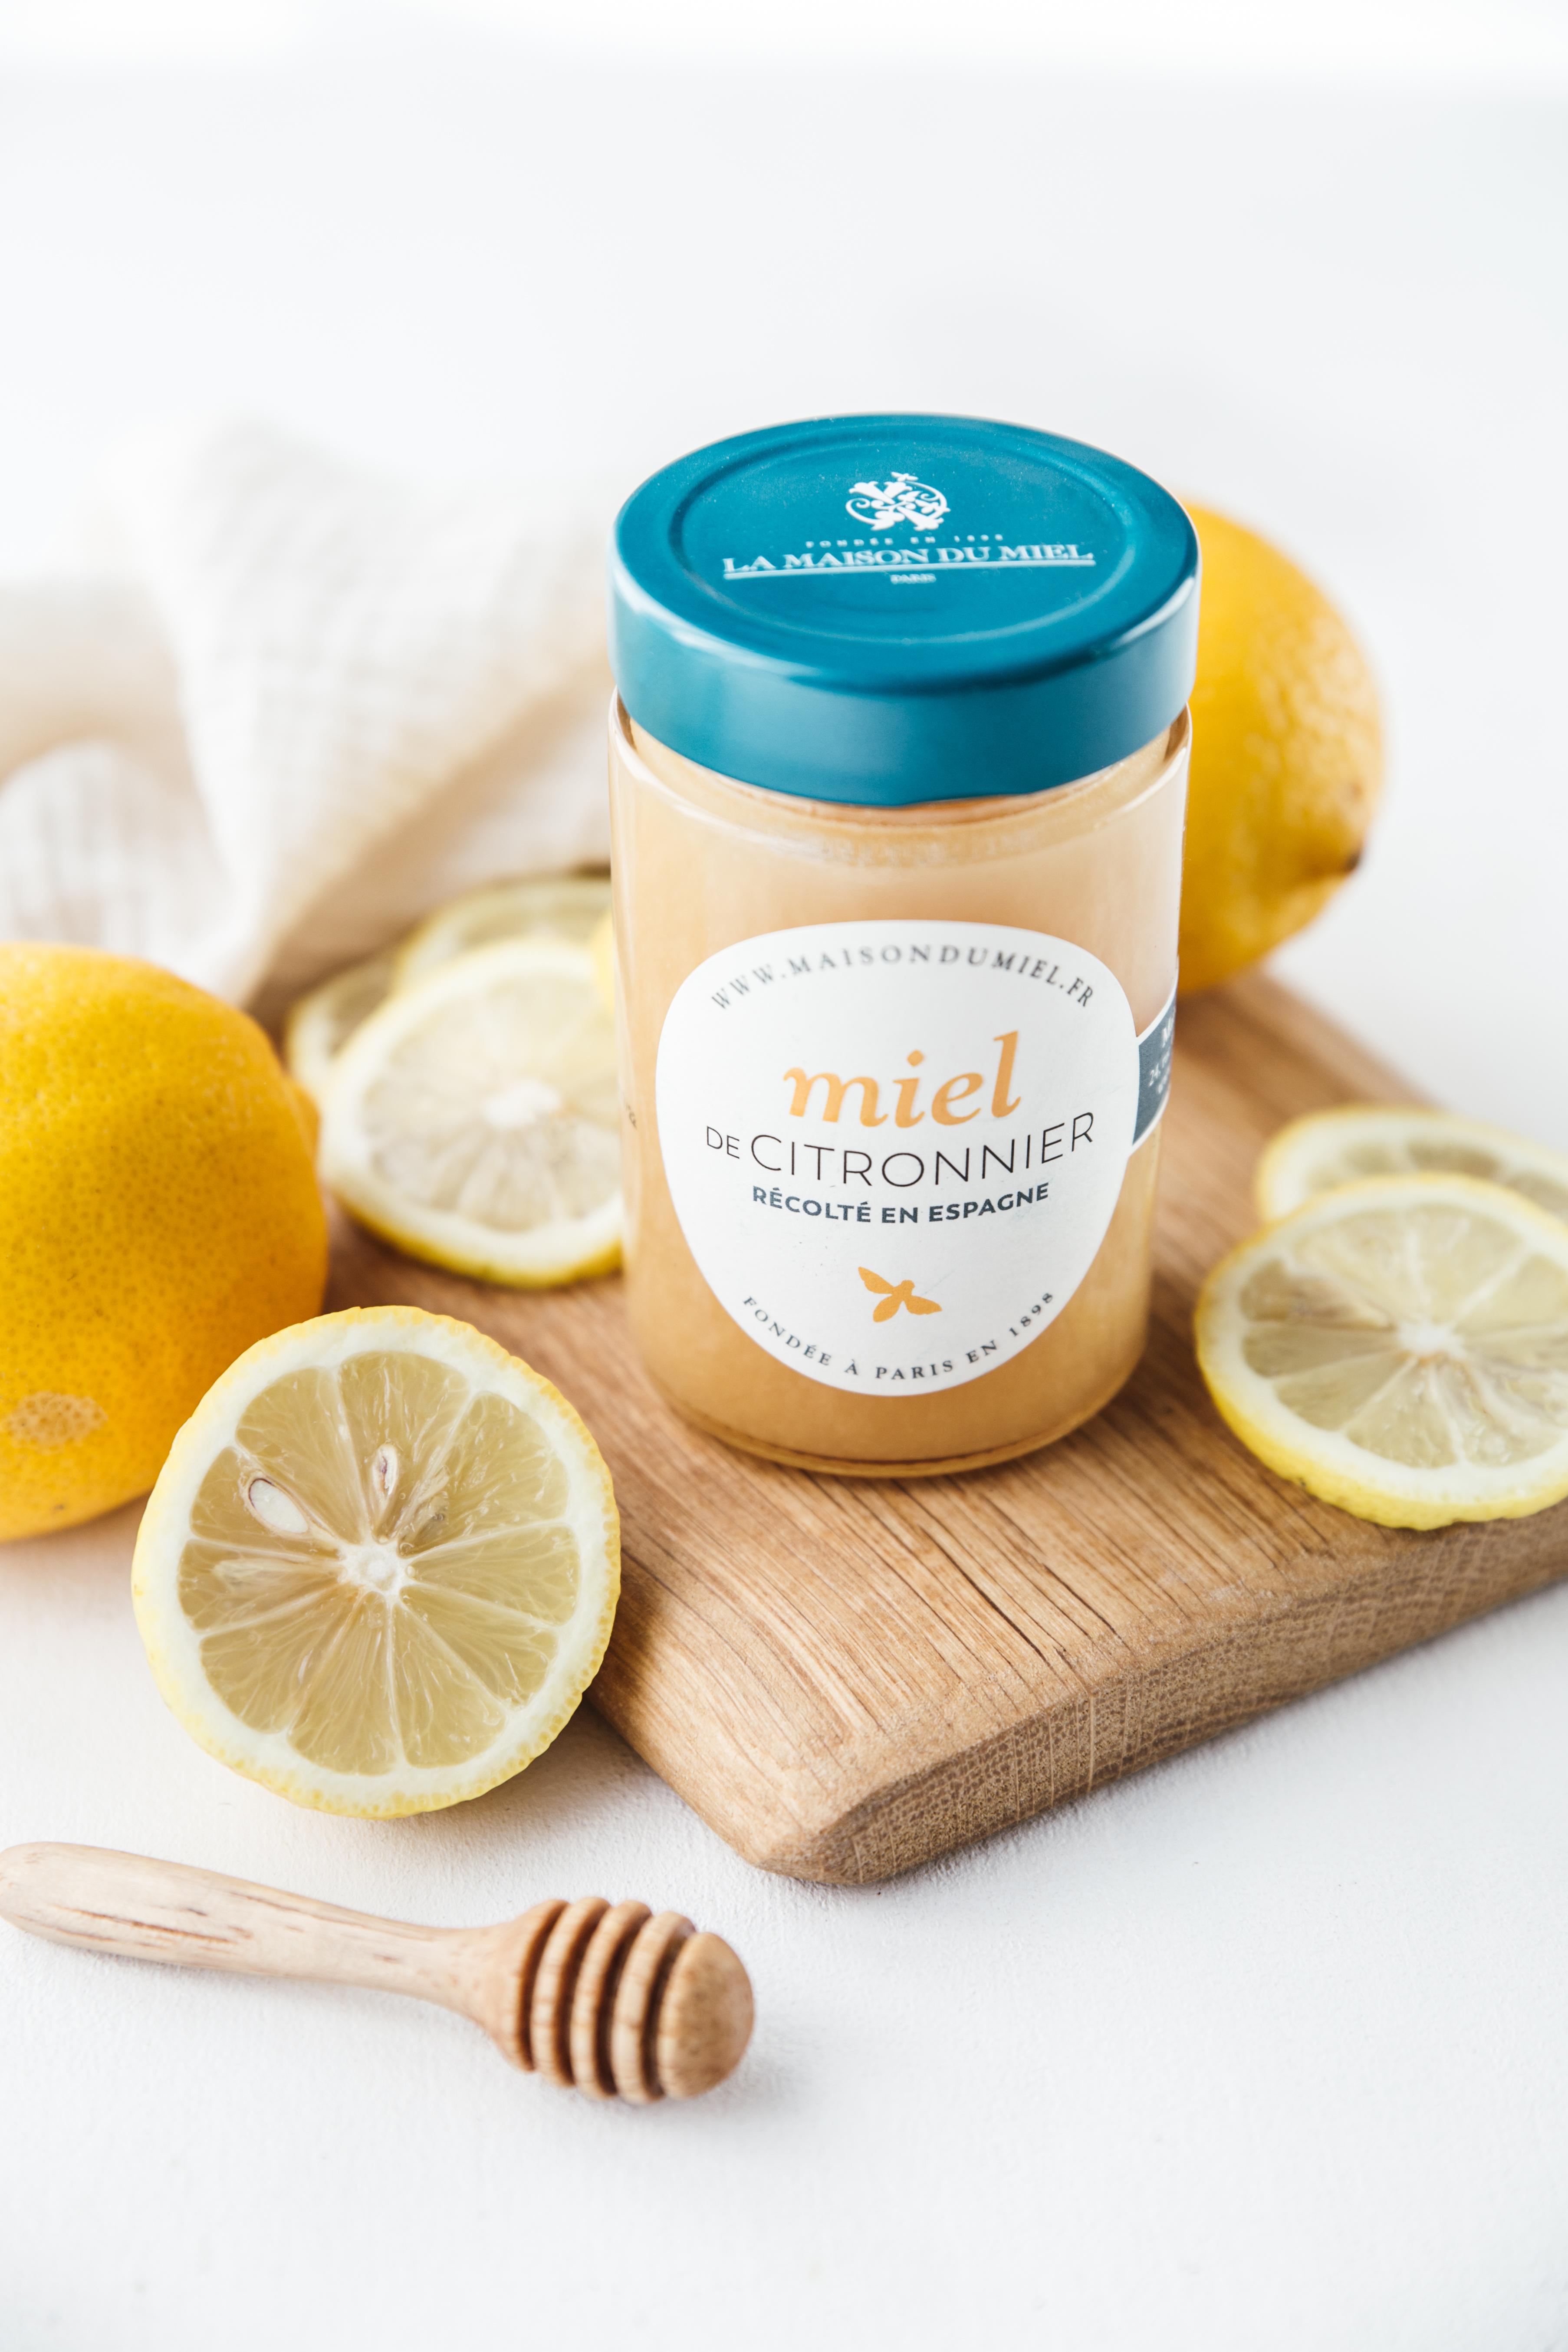 Miel de citronnier Origine Espagne | La Maison du Miel